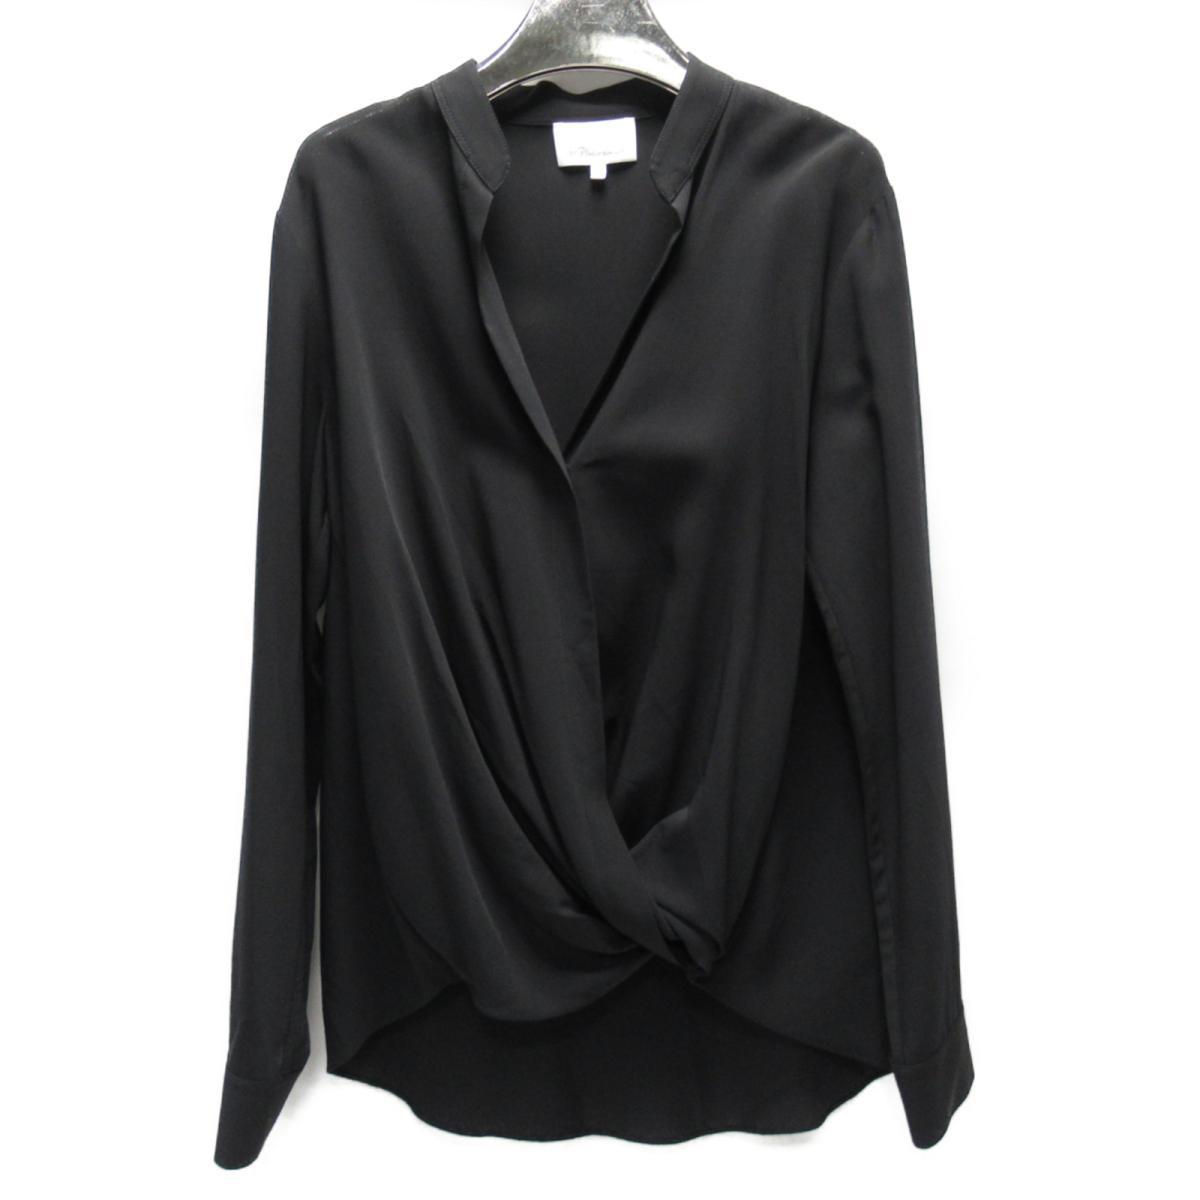 【中古】 3.1フィリップリム トップス レディース レーヨン (99%) ポリウレタン (1%) ブラック | 3.1 Phillip Lim BRANDOFF ブランドオフ 衣料品 衣類 ブランド